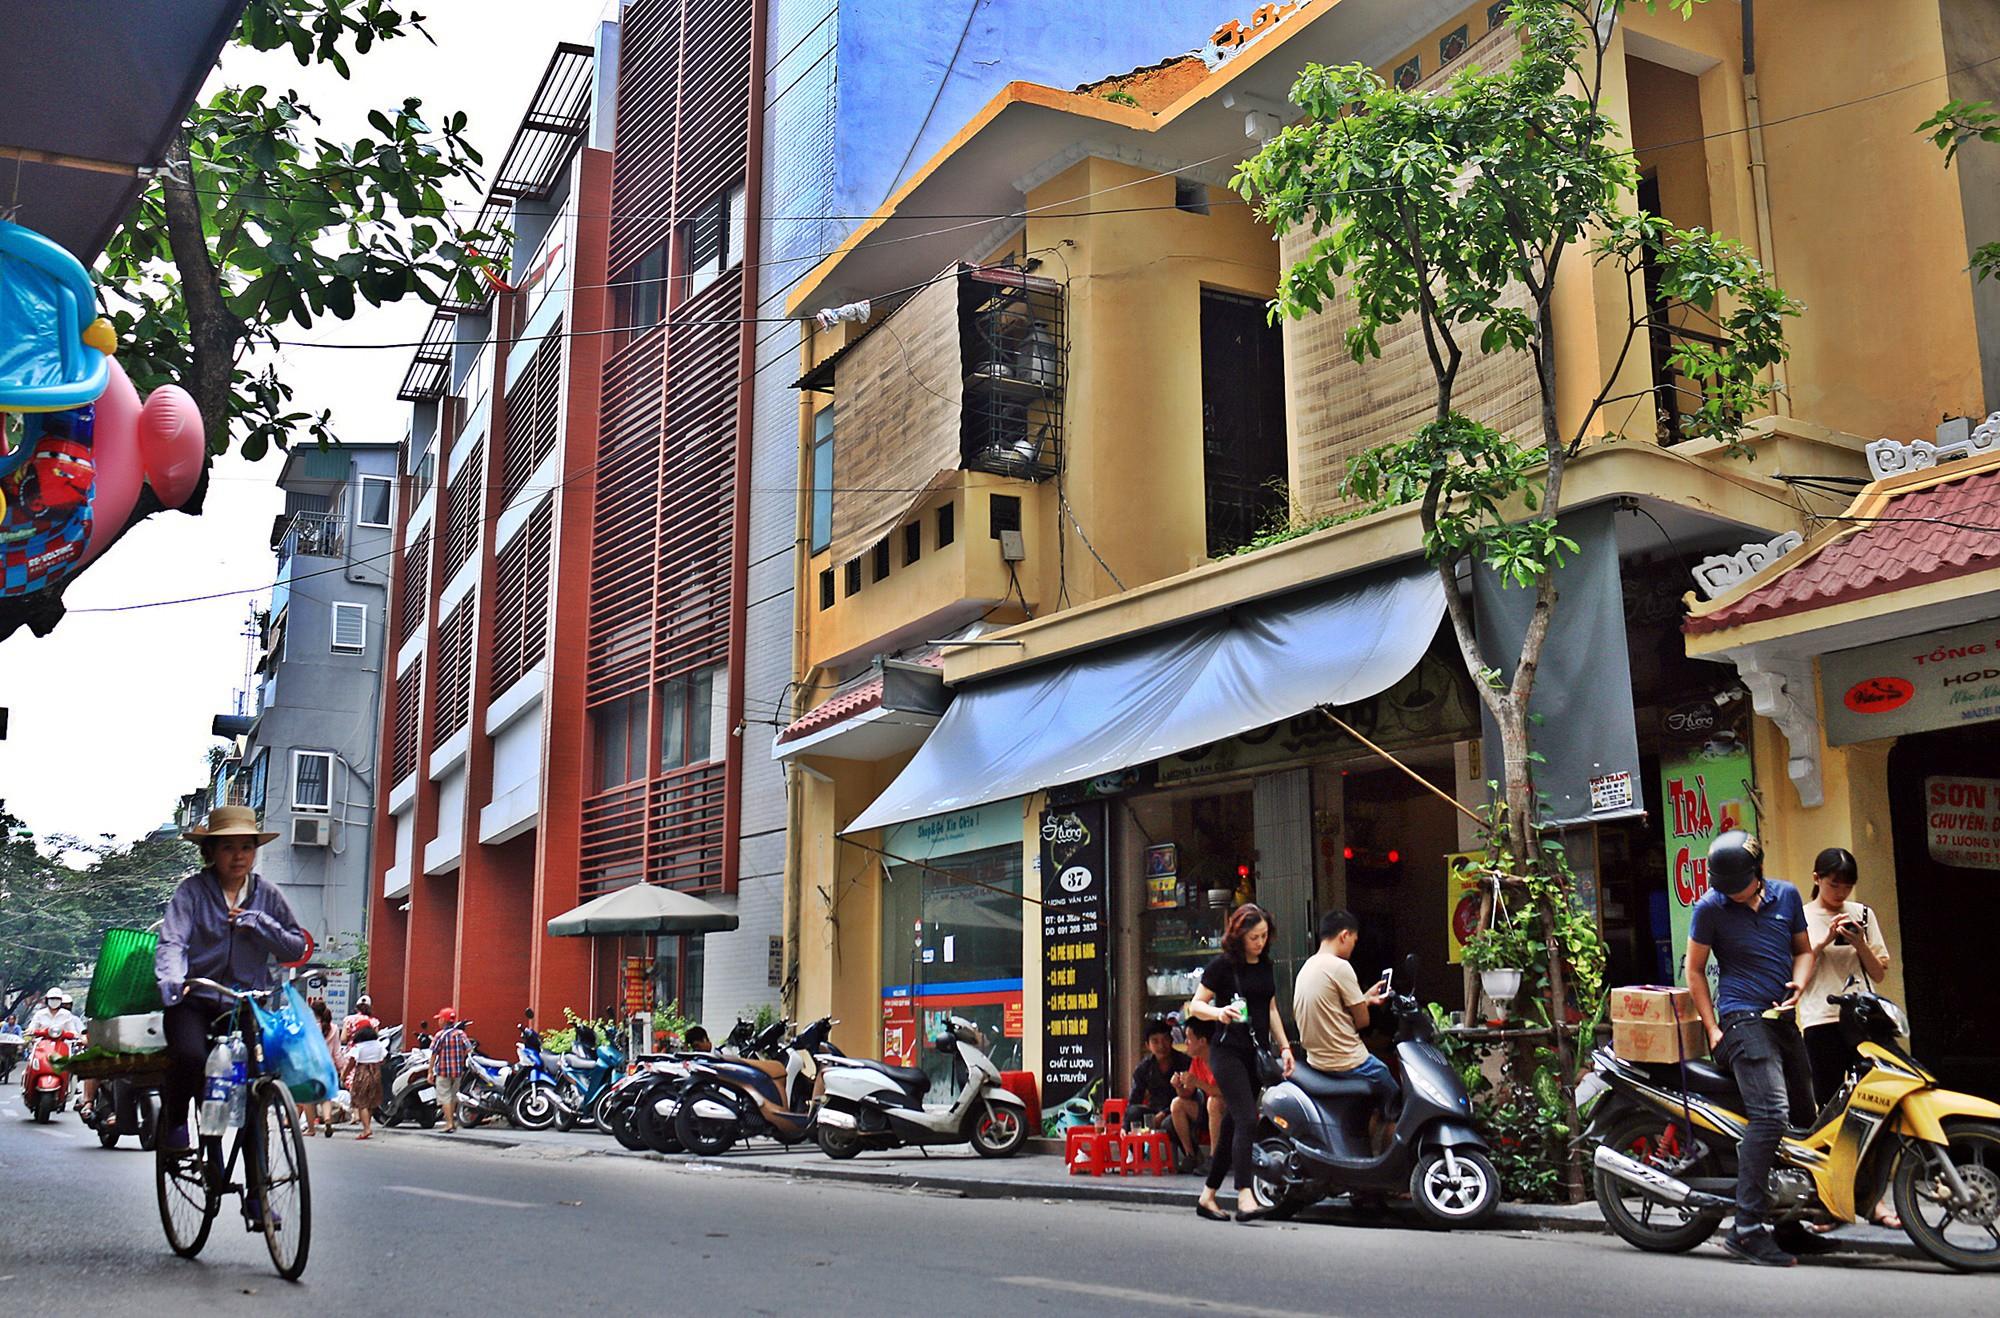 Hà Nội: Chỉnh trang nhiều ngôi nhà trên phố cổ để hút du khách - Ảnh 3.